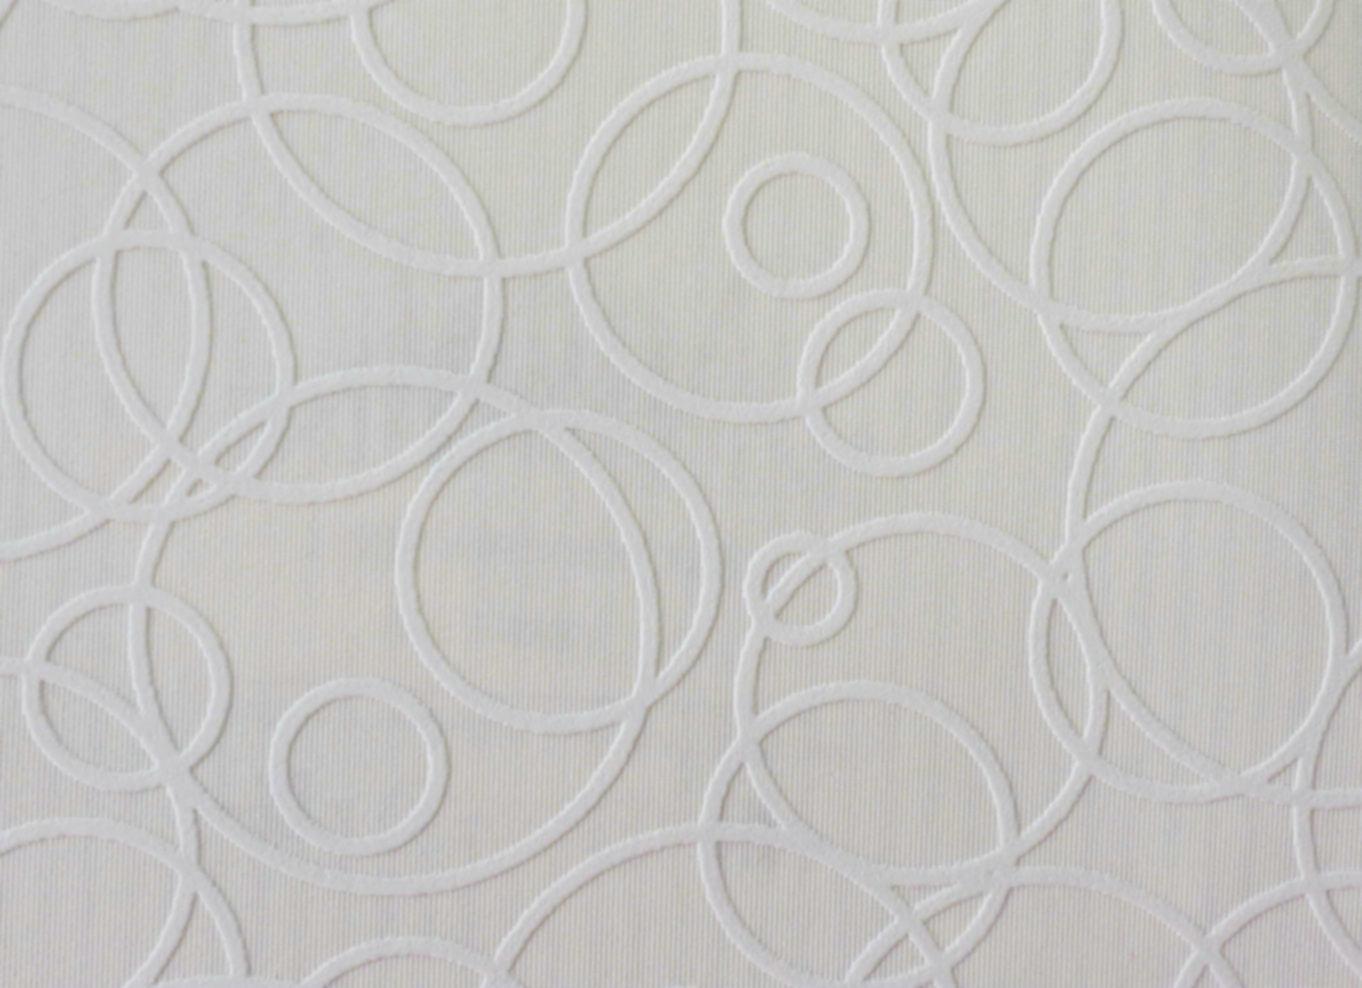 天然材料壁纸1